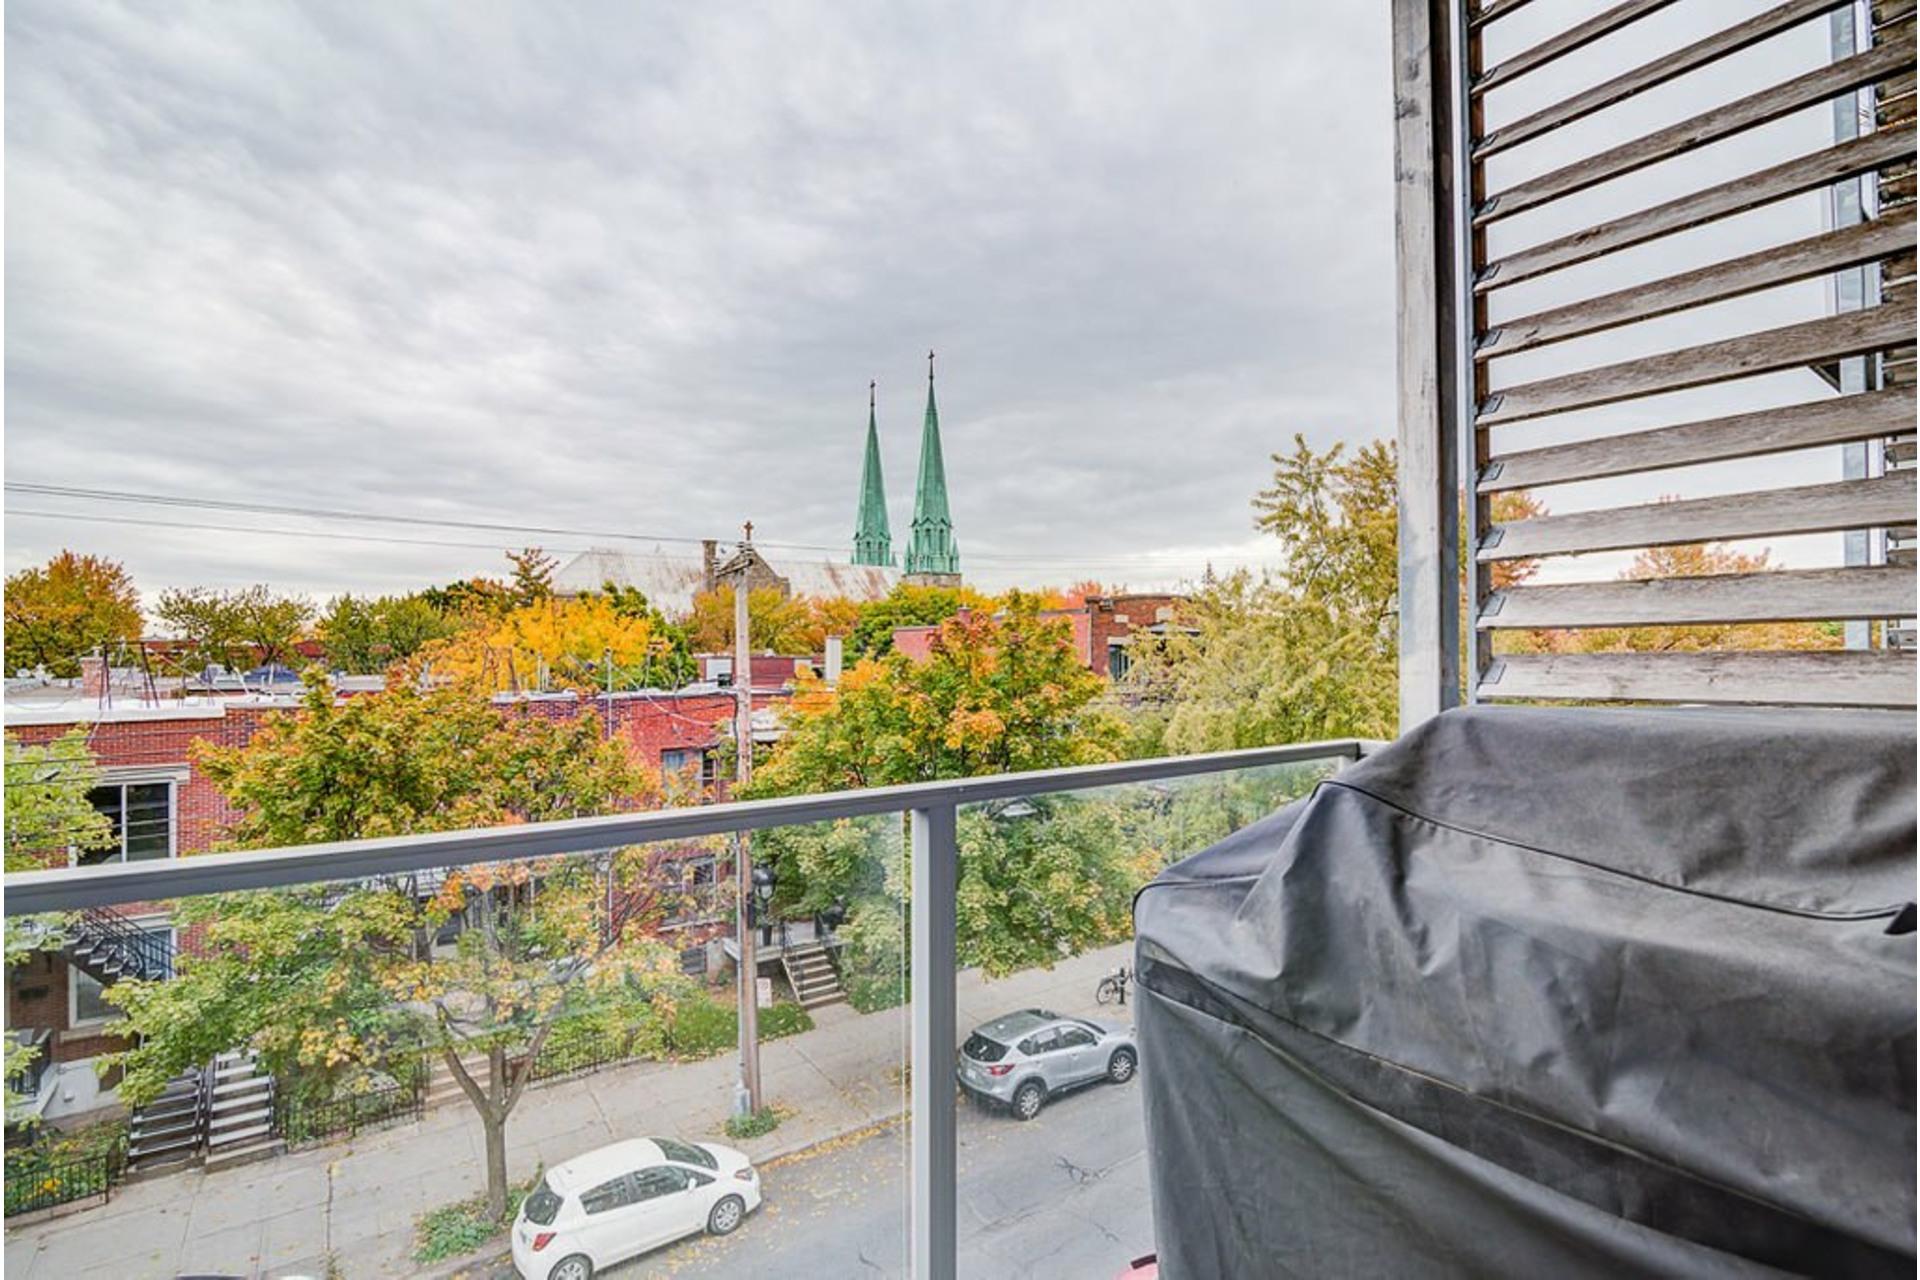 image 29 - Appartement À vendre Villeray/Saint-Michel/Parc-Extension Montréal  - 6 pièces